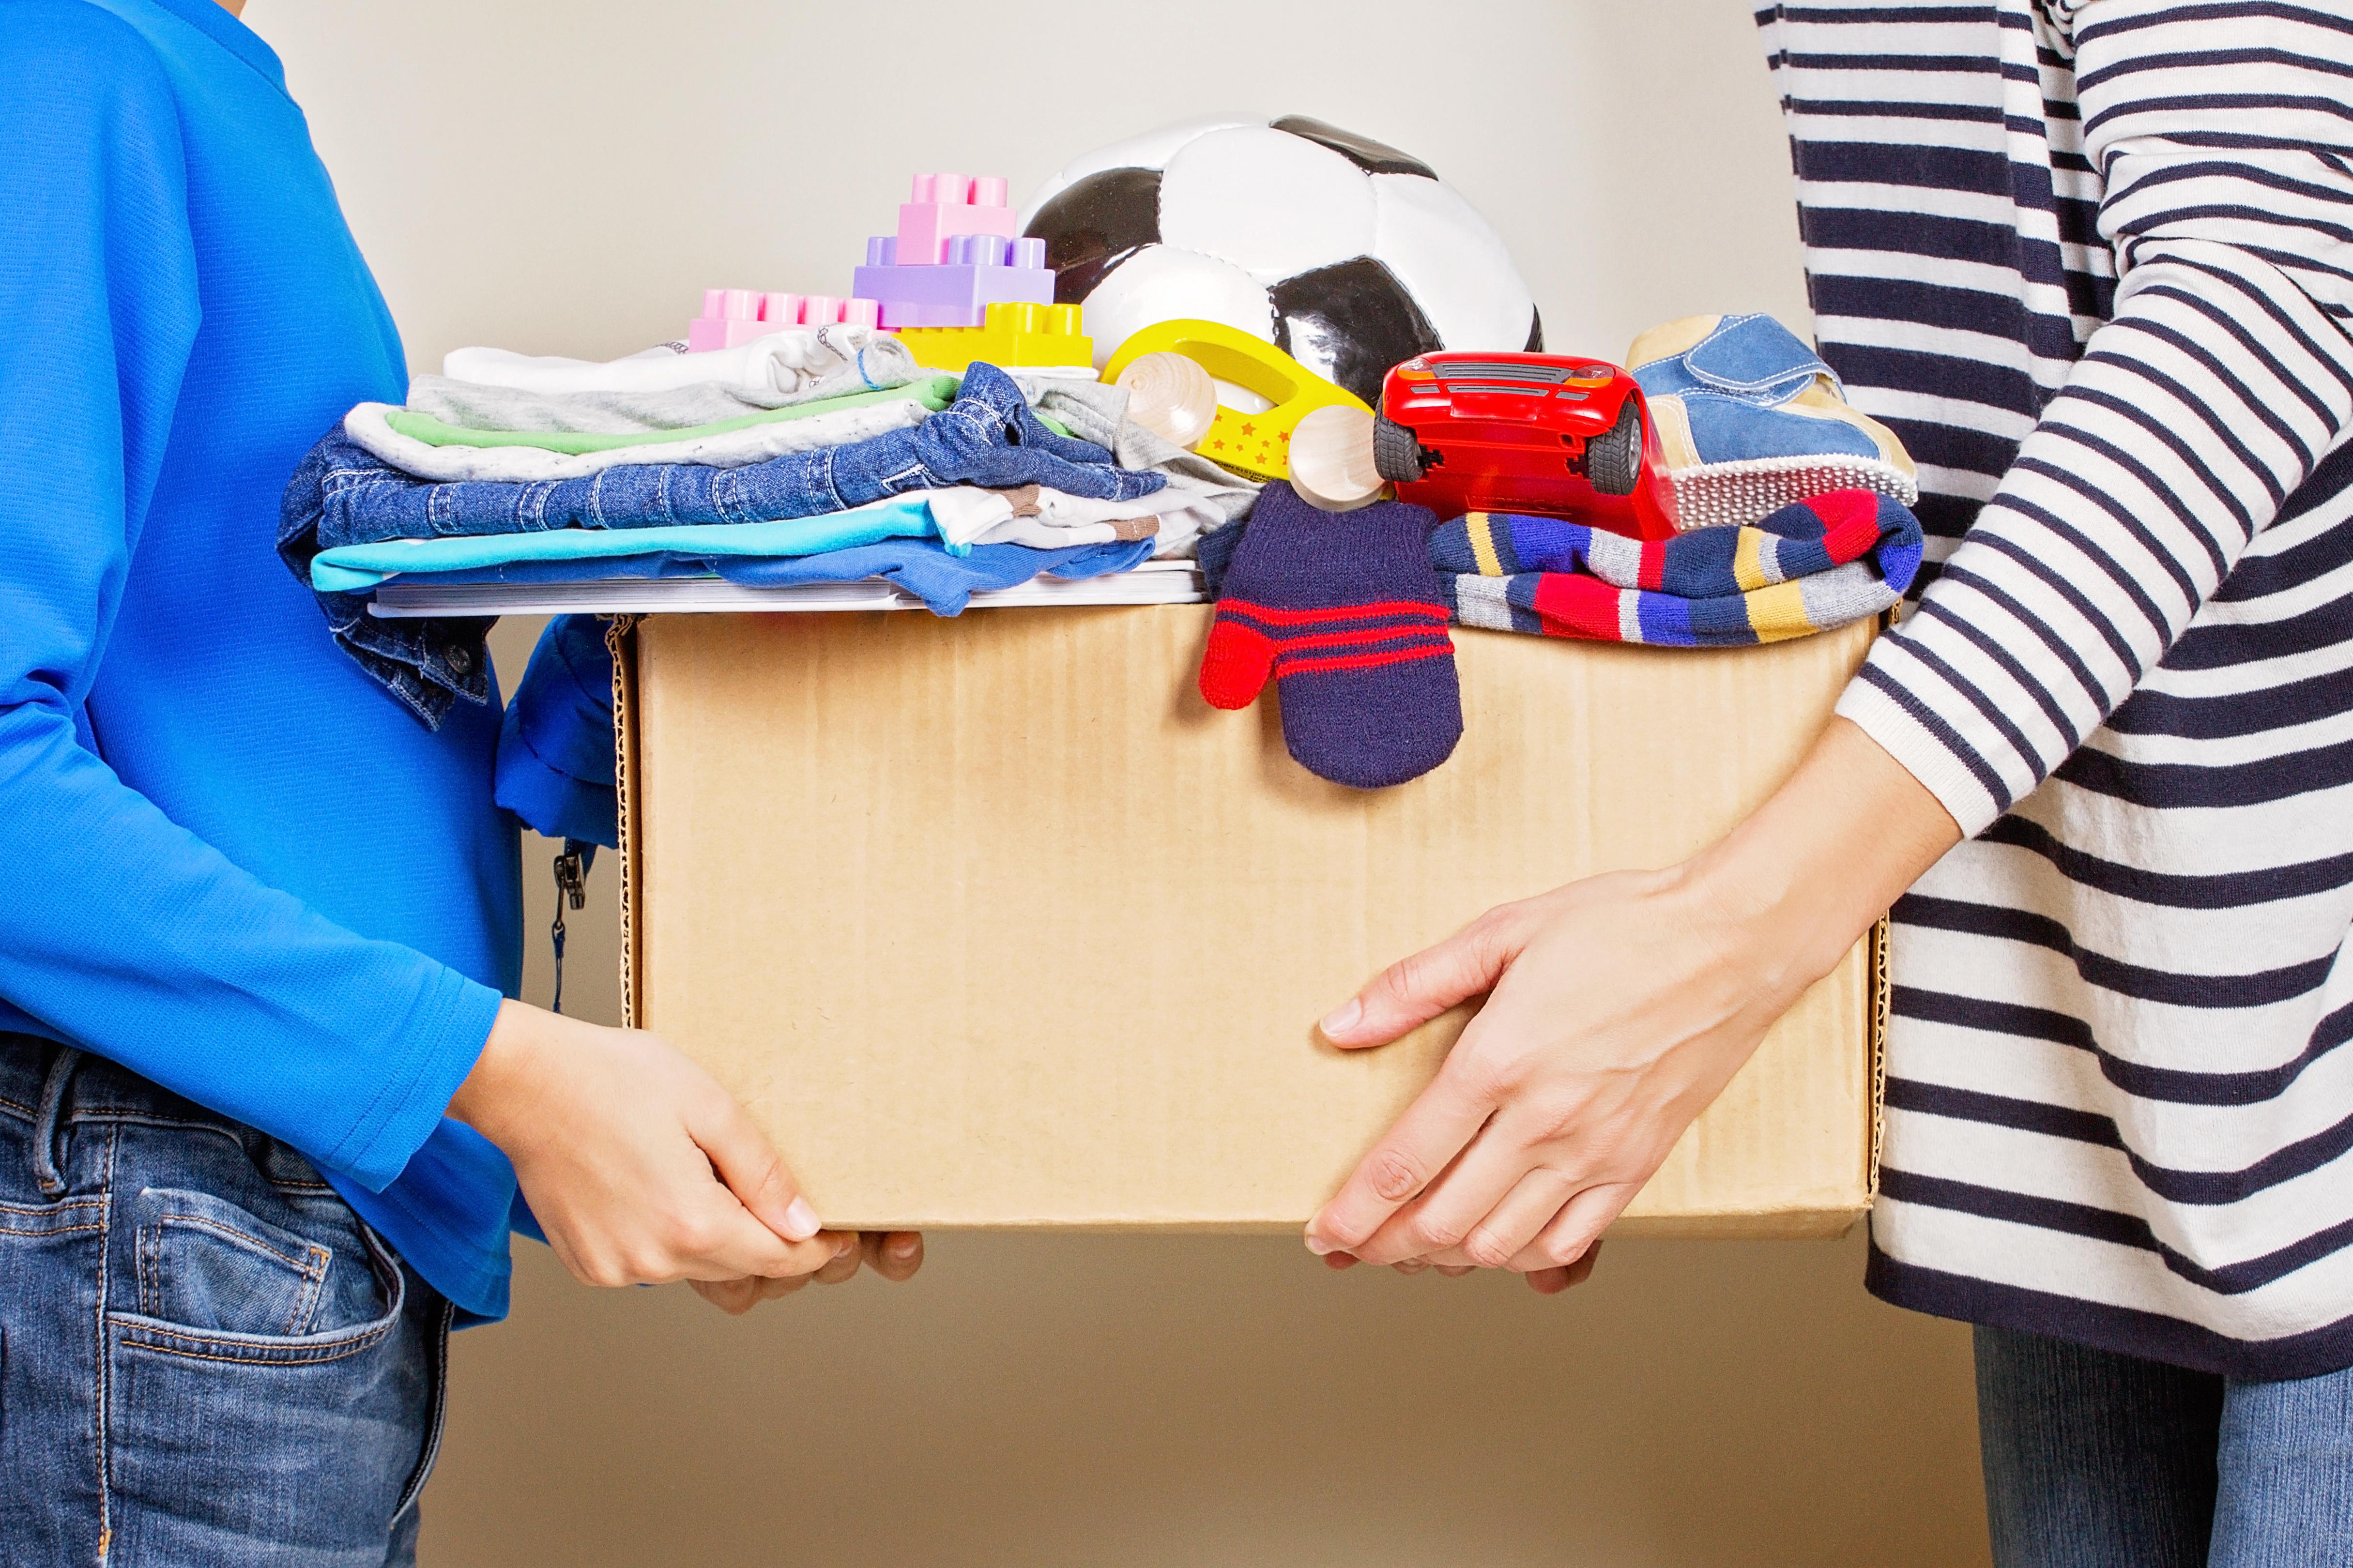 Recycler : toutes les adresses pour donner vos vêtements